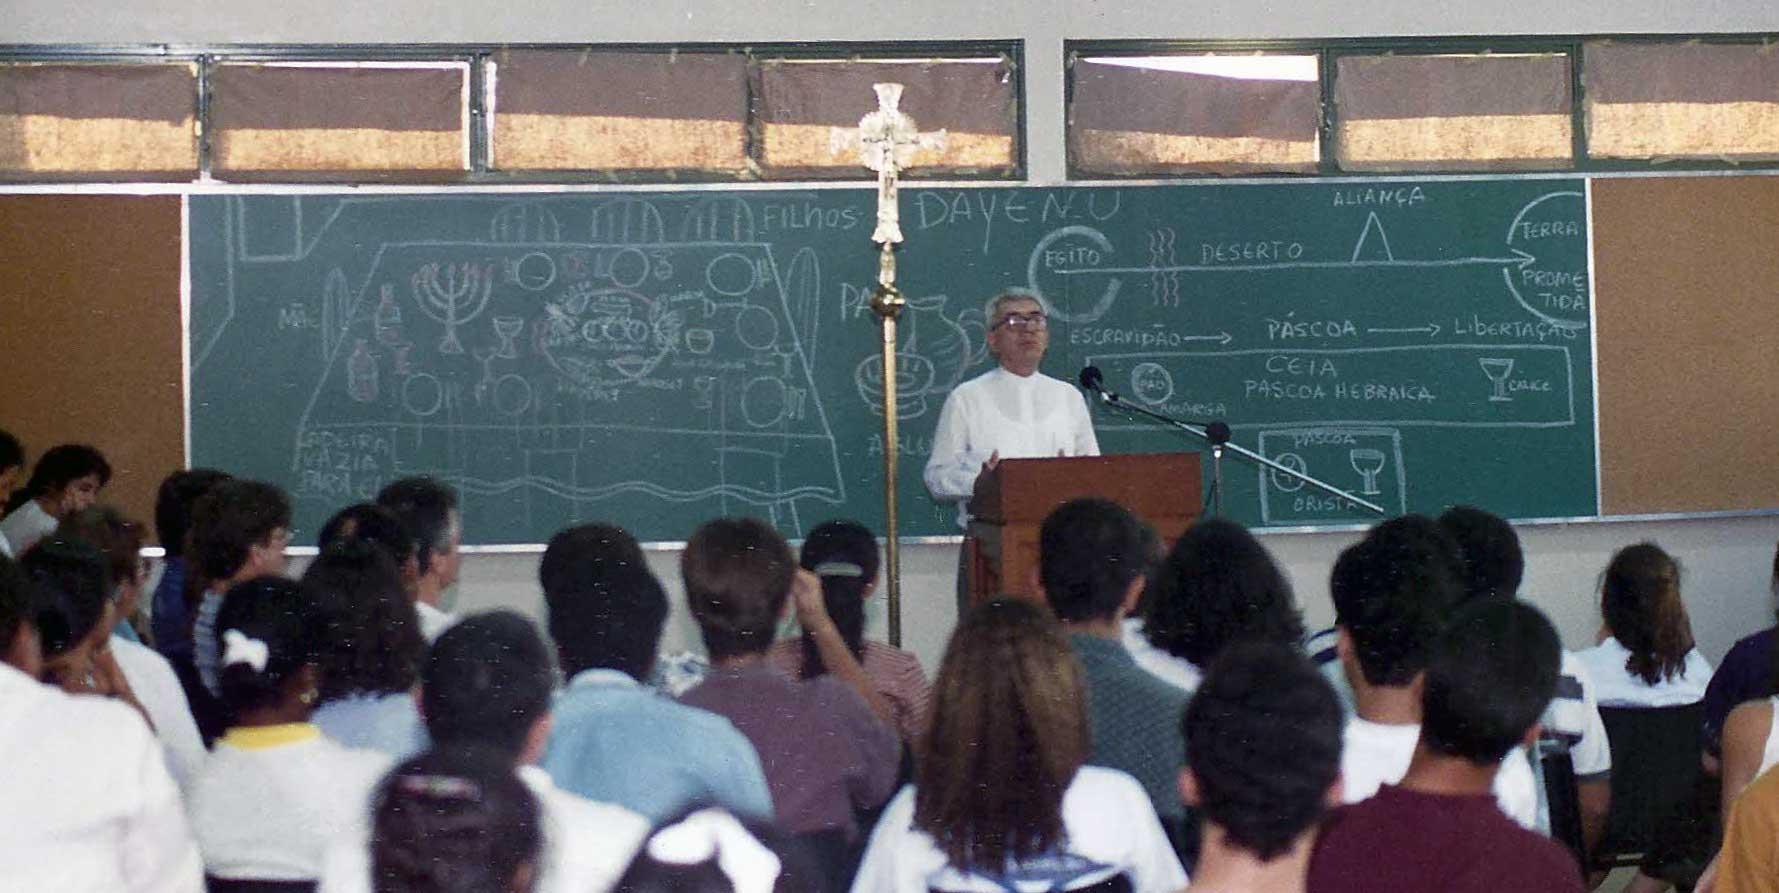 1994 - Paróquia Nossa Senhor da Esperança - Asa Norte, Brasília/DF